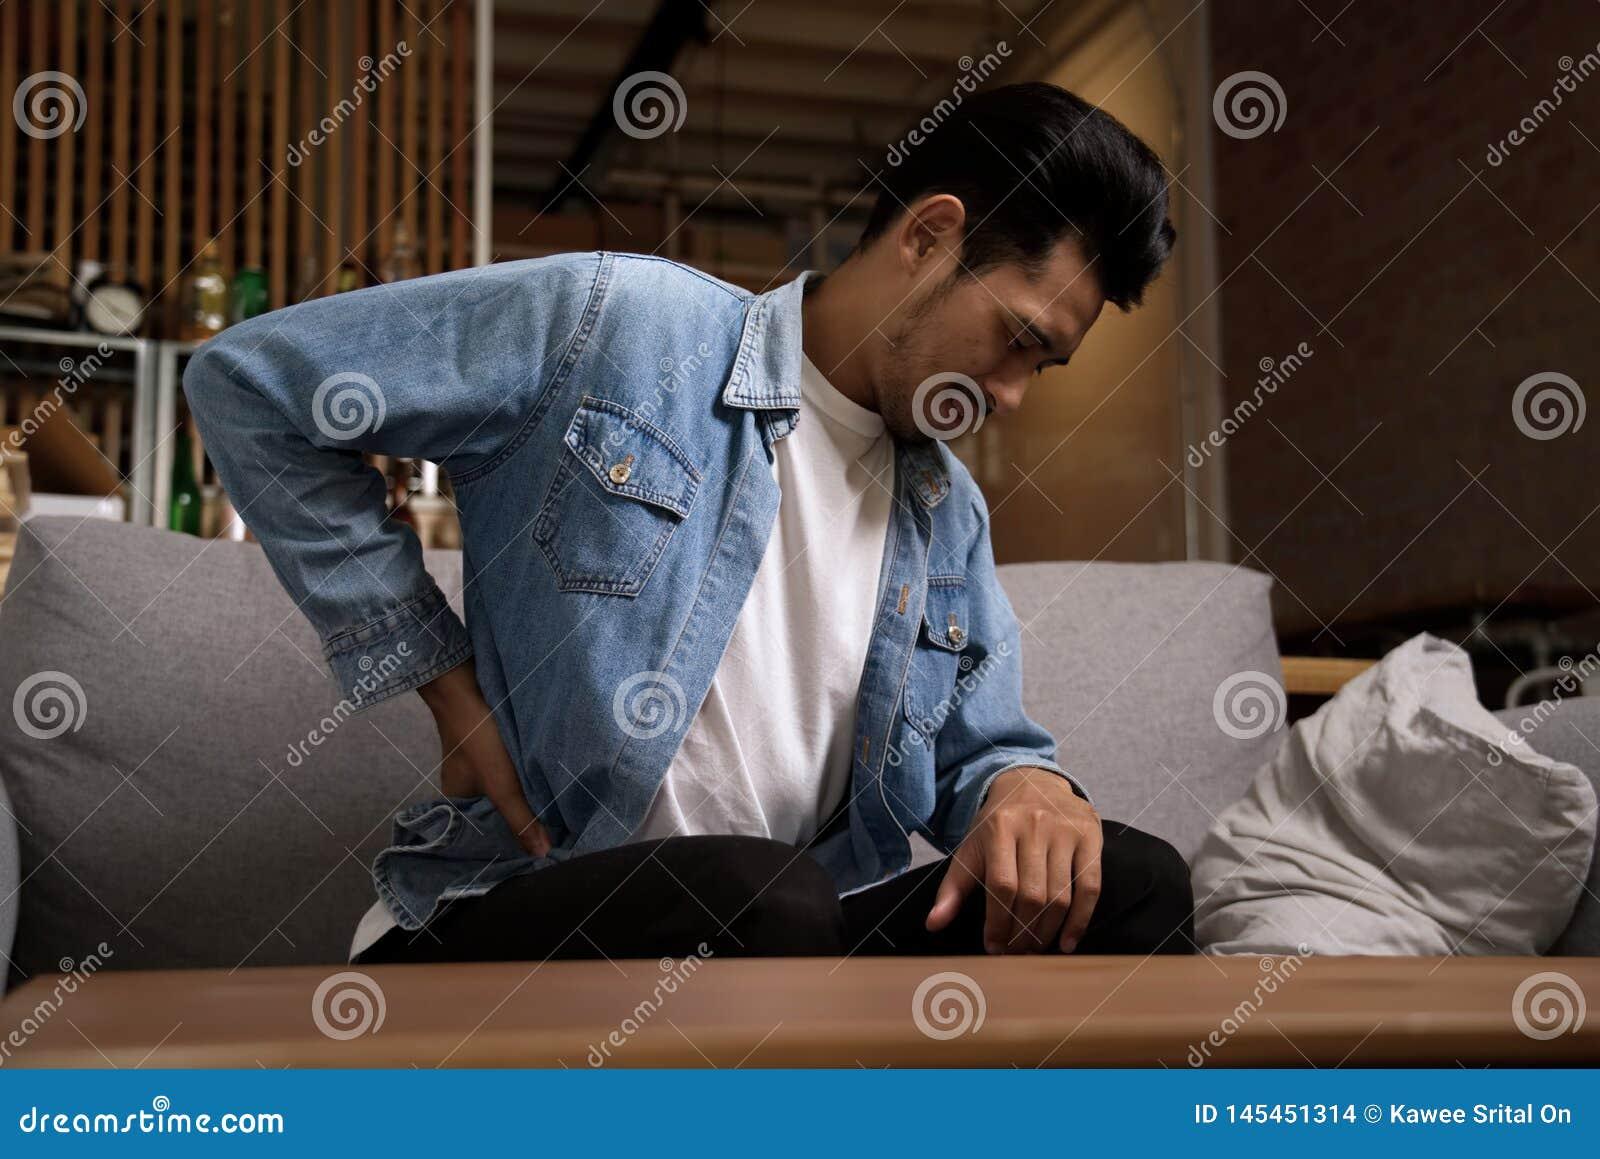 Homme asiatique s asseyant sur le sofa ayant le mal de dos et tenant le sien de retour à la maison